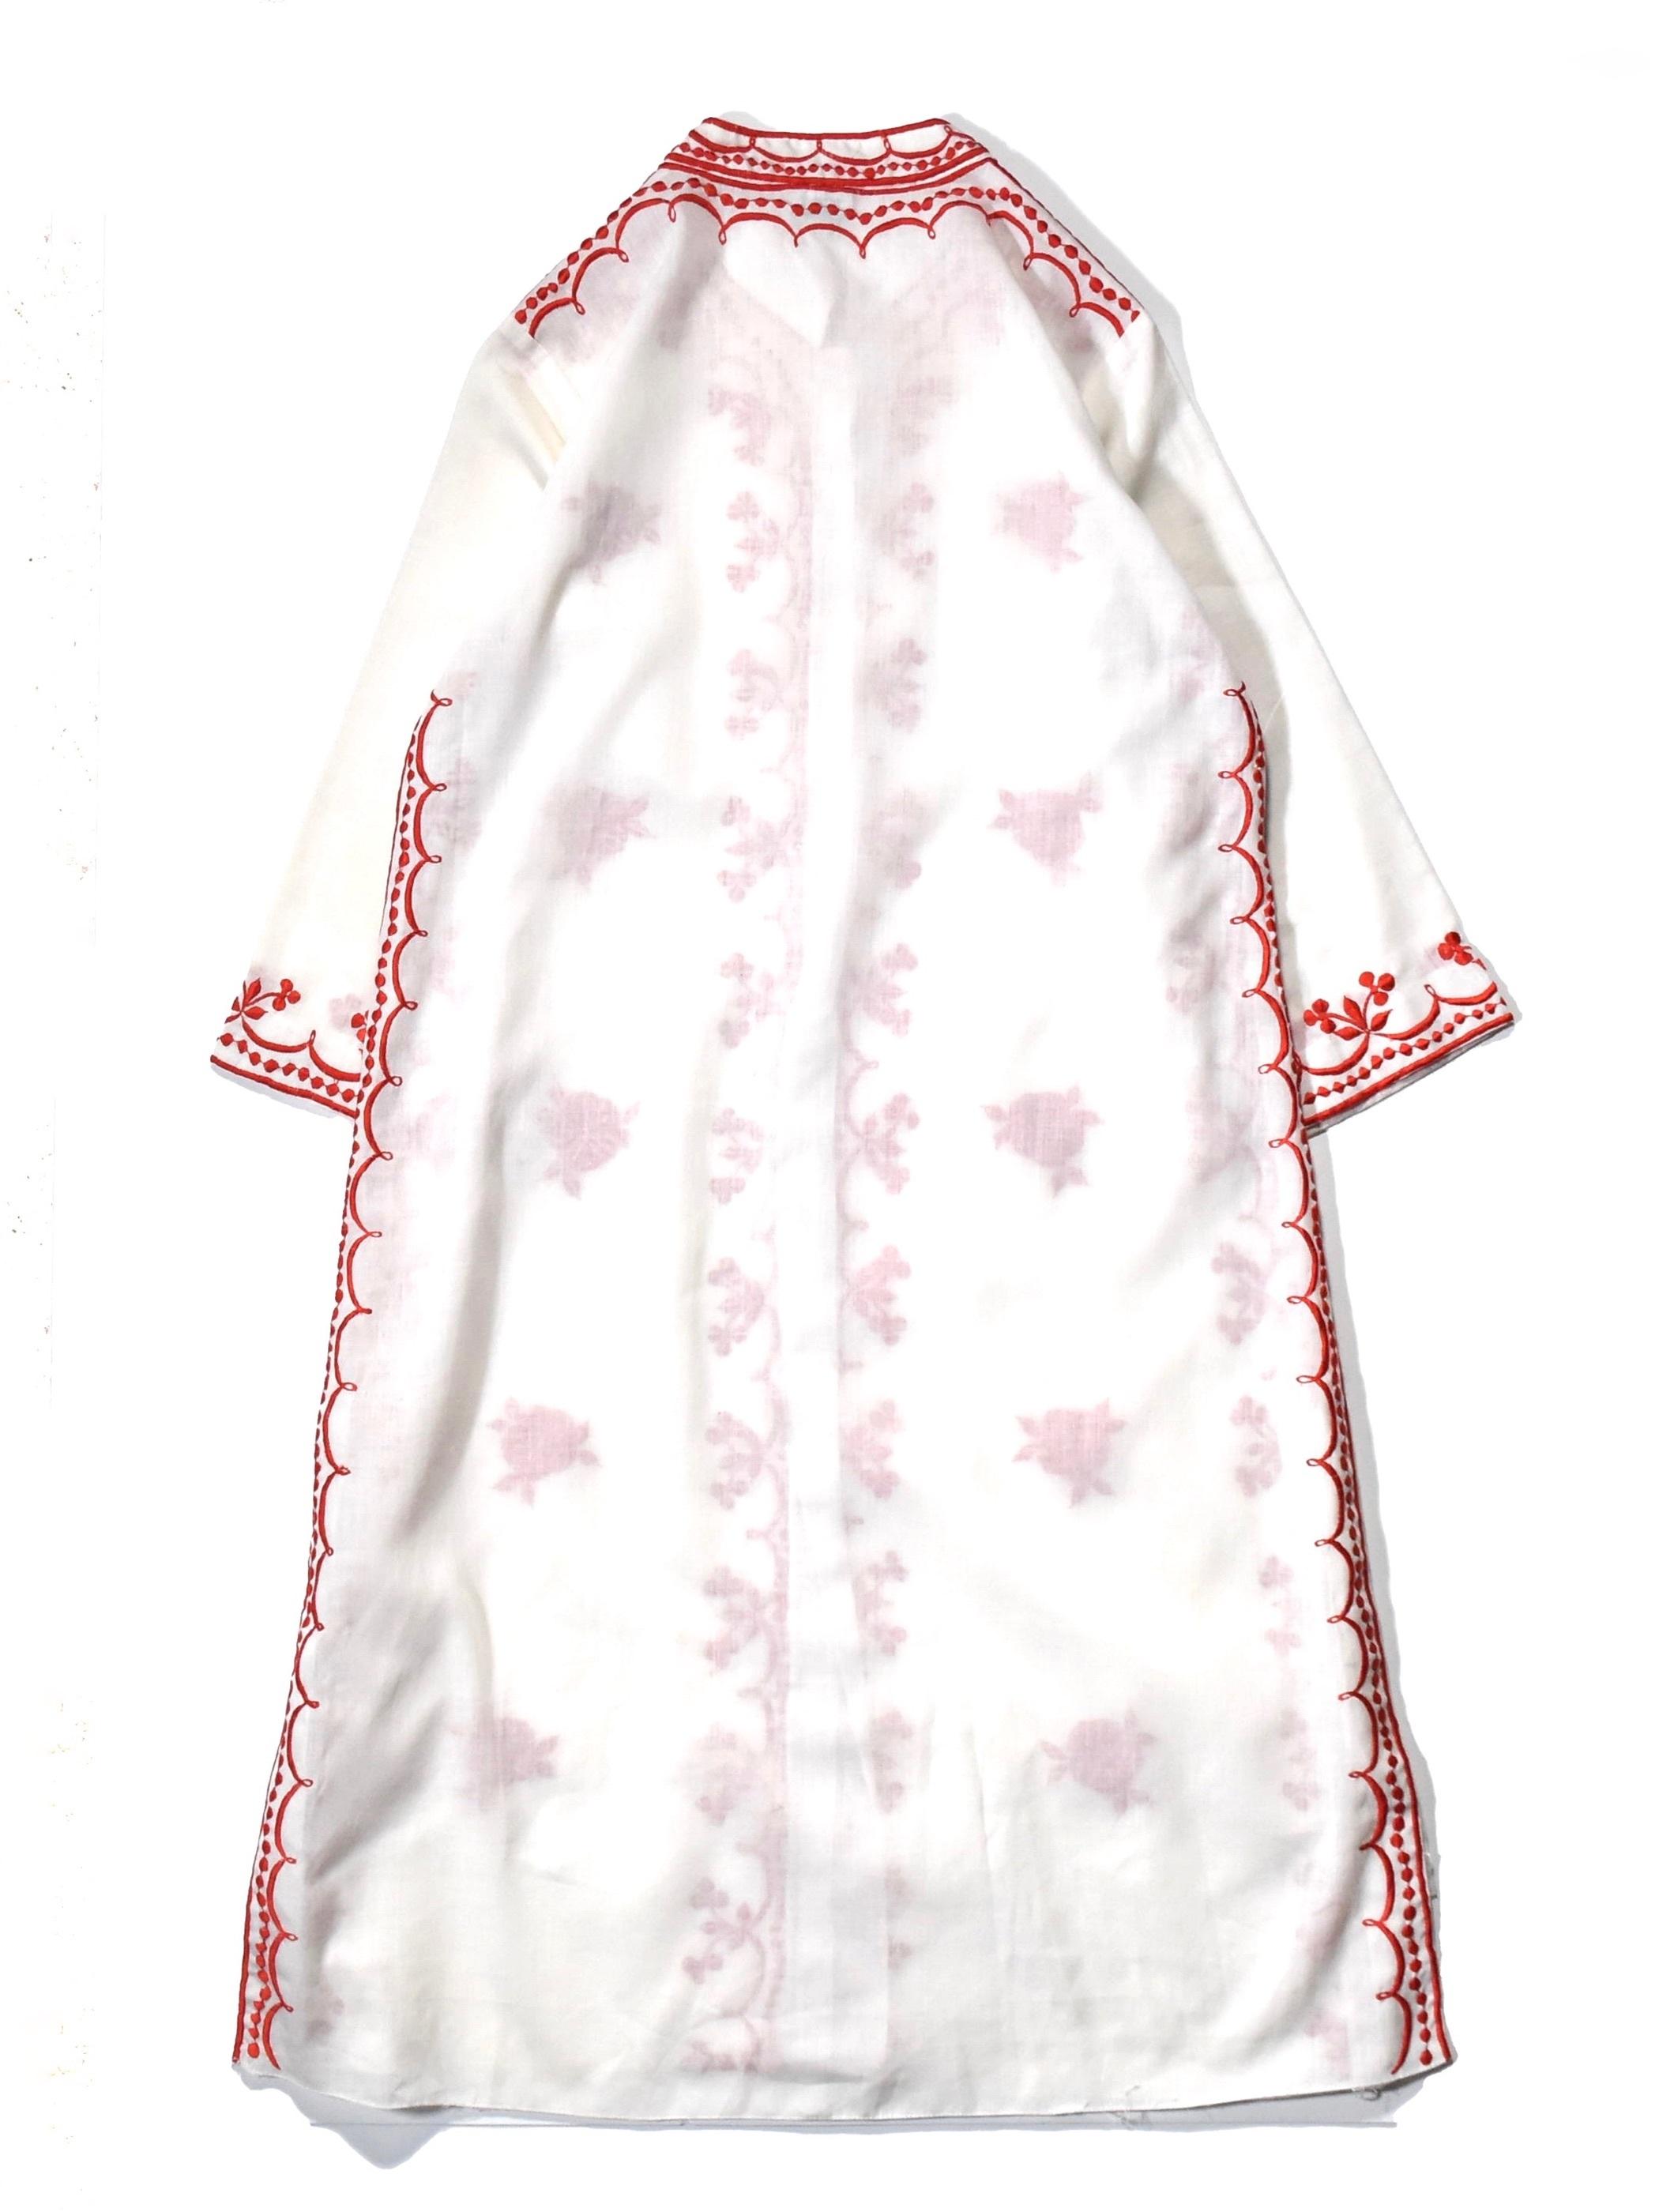 バンドカラー 刺繍 ワンピース / band collar embroidery one-piece